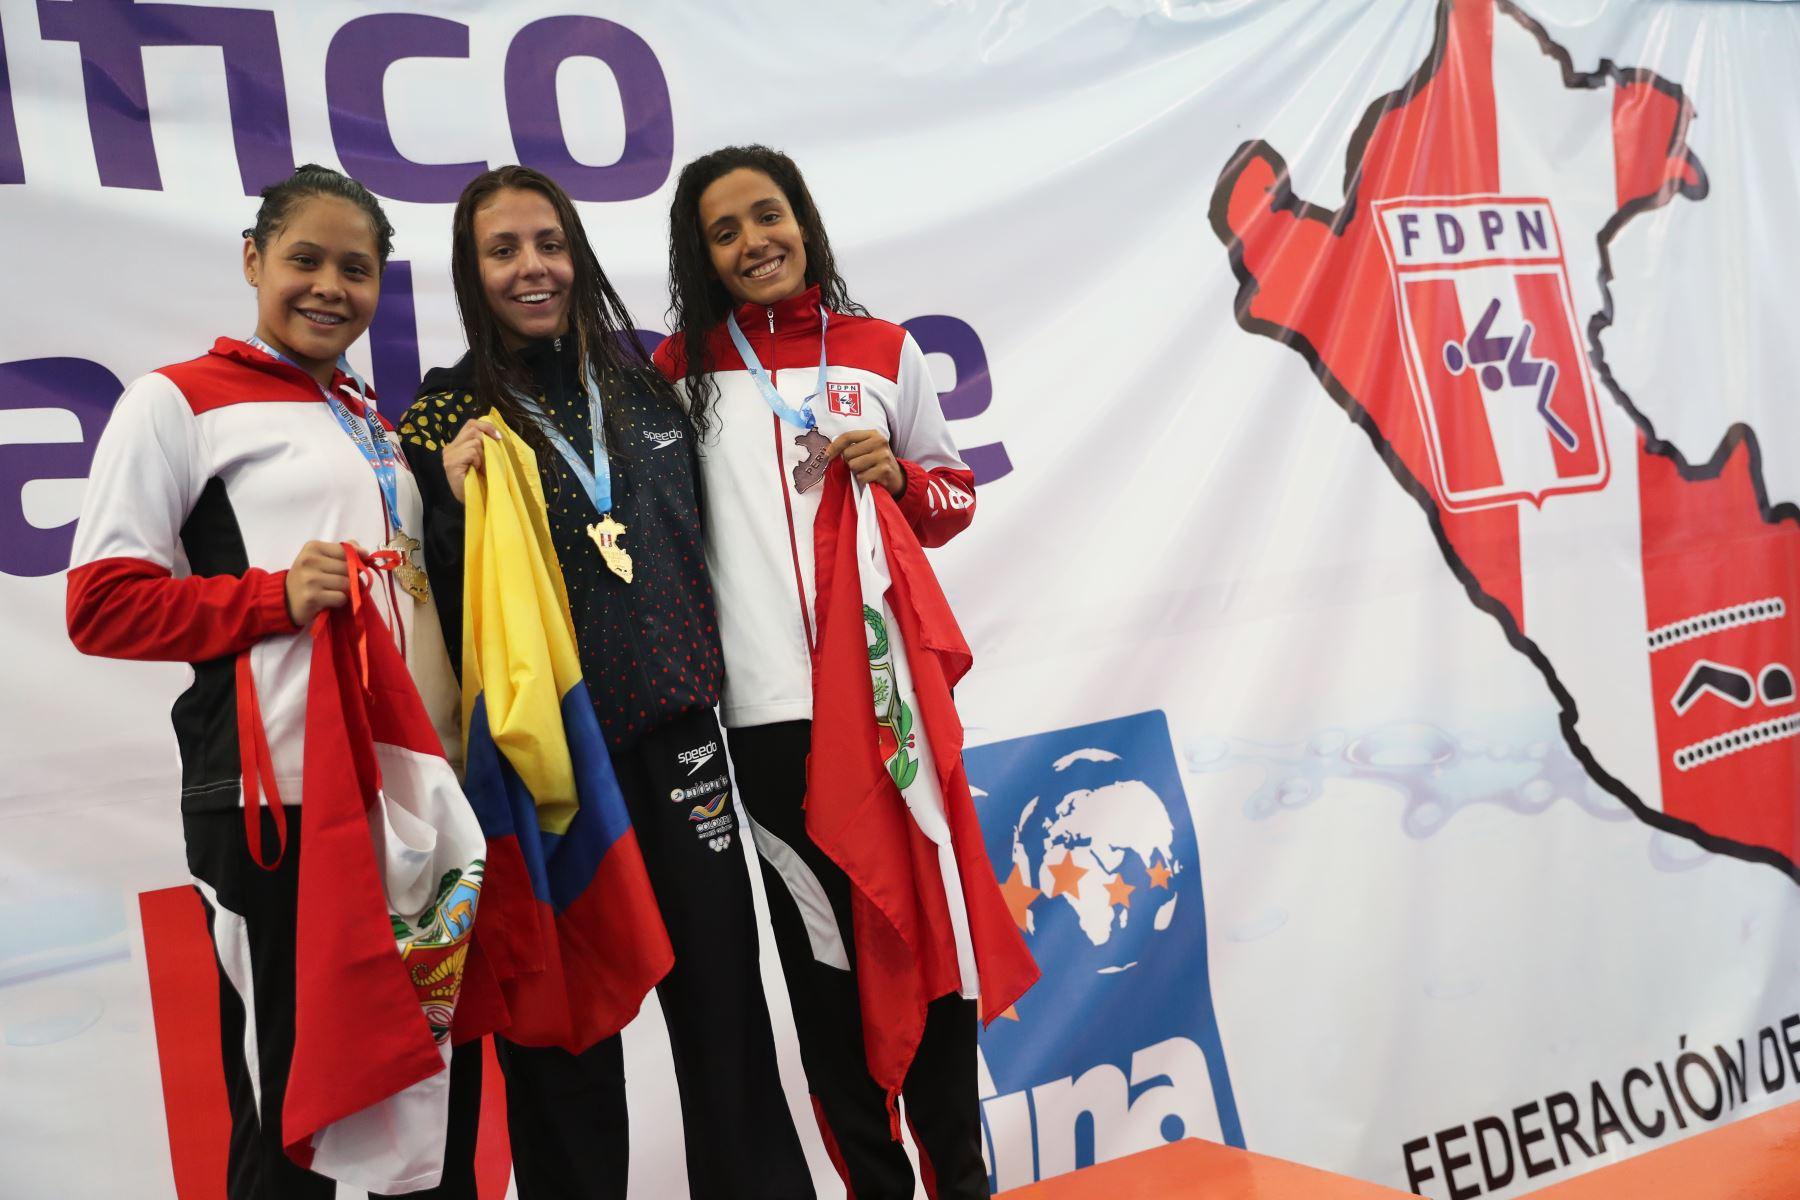 Mariagracia Torres de Perú, Laura Rincón de Colombia y Adriana Buendia de Perú obtienen medallas de plata, oro y  bronce, respectivamente en competencia de  200m pecho en el Torneo Copa Pacífico de Natación 2019. Foto: ANDINA/Melina Mejía